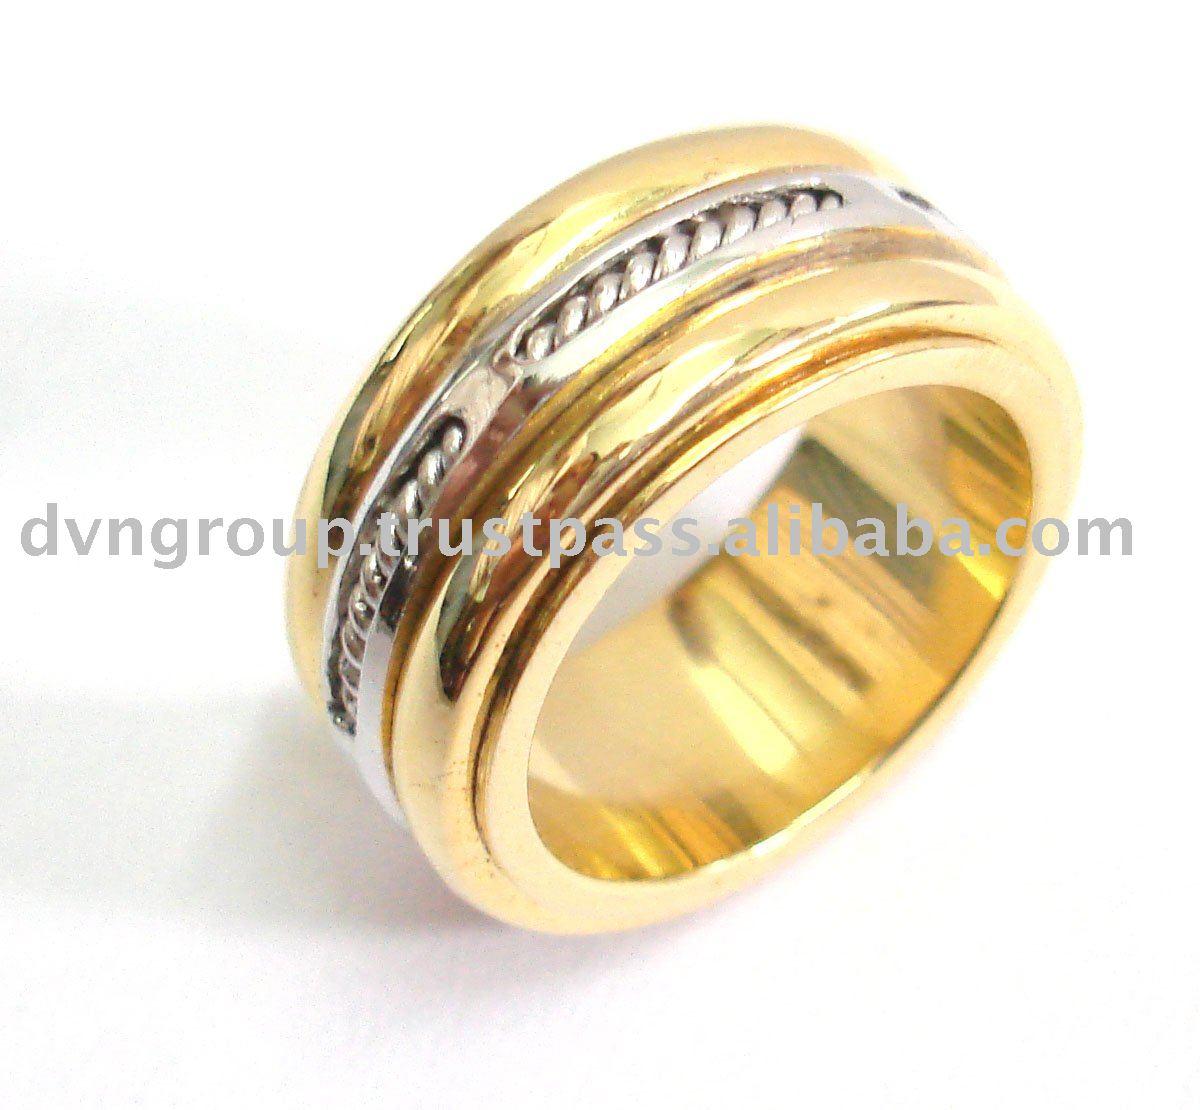 ���� ����� ����� �������� ���� 24 , Italian gold rings 2014